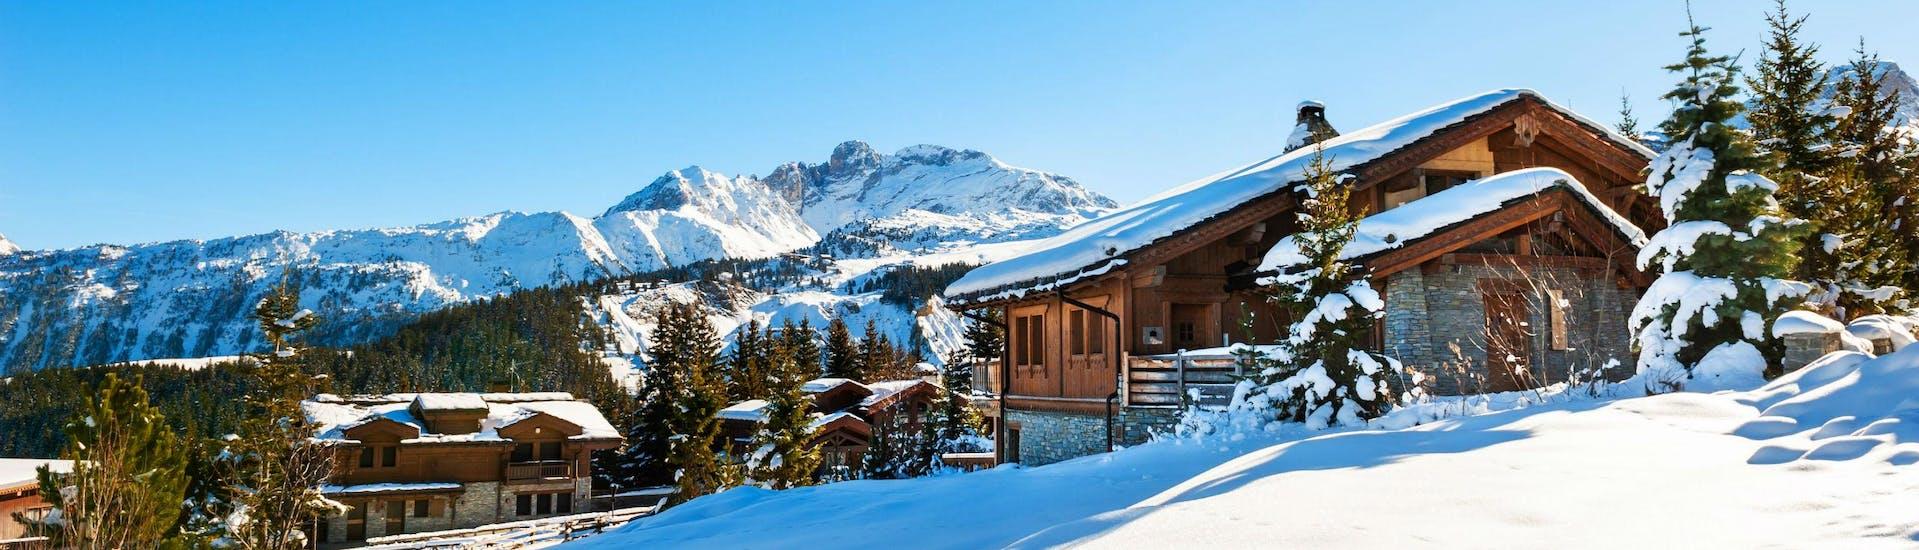 Une photo de plusieurs refuges de montagne enneigés dans la populaire station de ski française de Courchevel, où les visiteurs peuvent apprendre à skier durant l'un des nombreux cours de ski organisés par les écoles de ski locales.